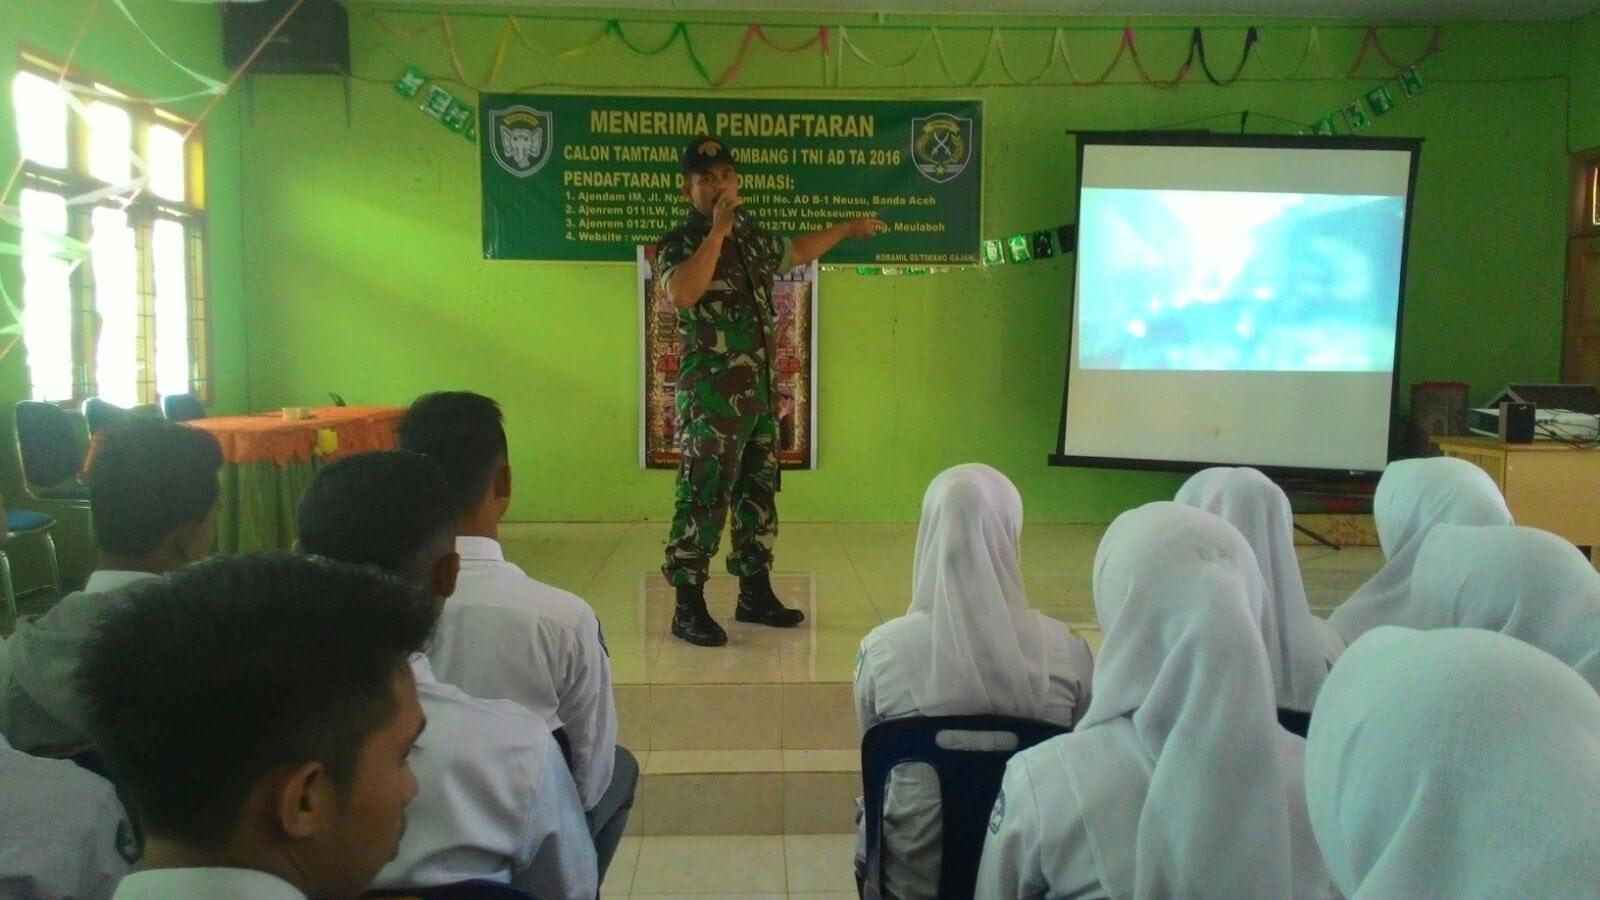 Kodim 0106/Ateng – BM Sosialisasi Rekrutmen Prajurit TNI Ke Sekolah Se Aceh Tengah – Bener Meriah